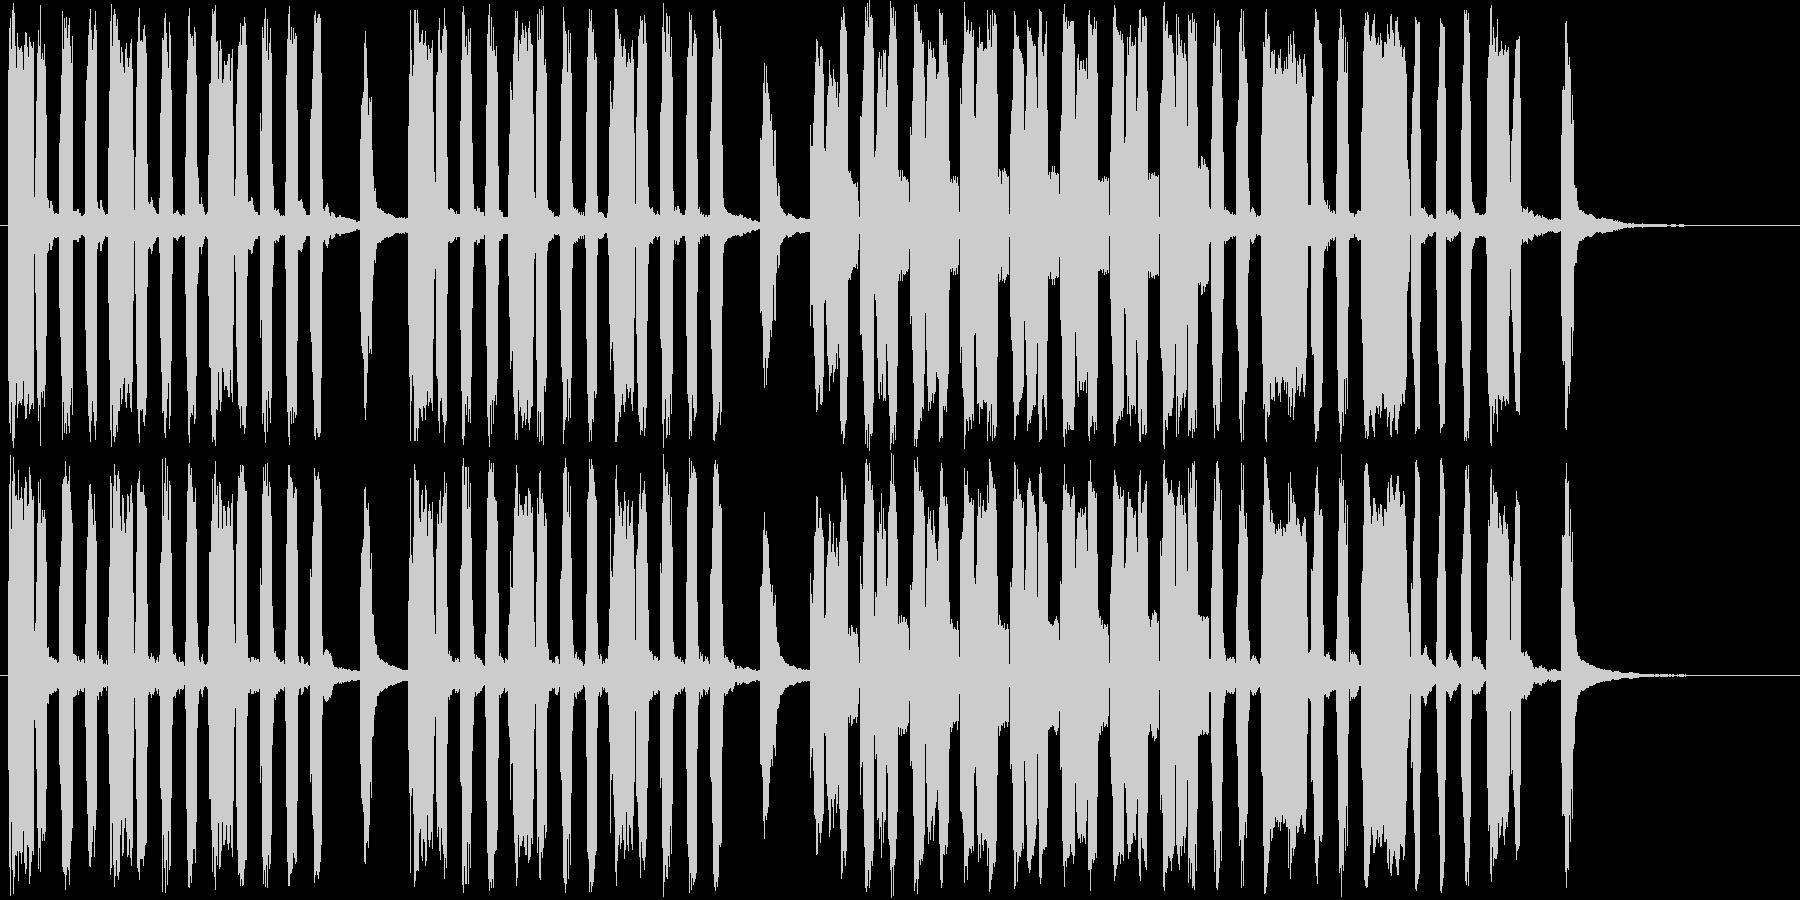 ユニークな場面のショートソングの未再生の波形